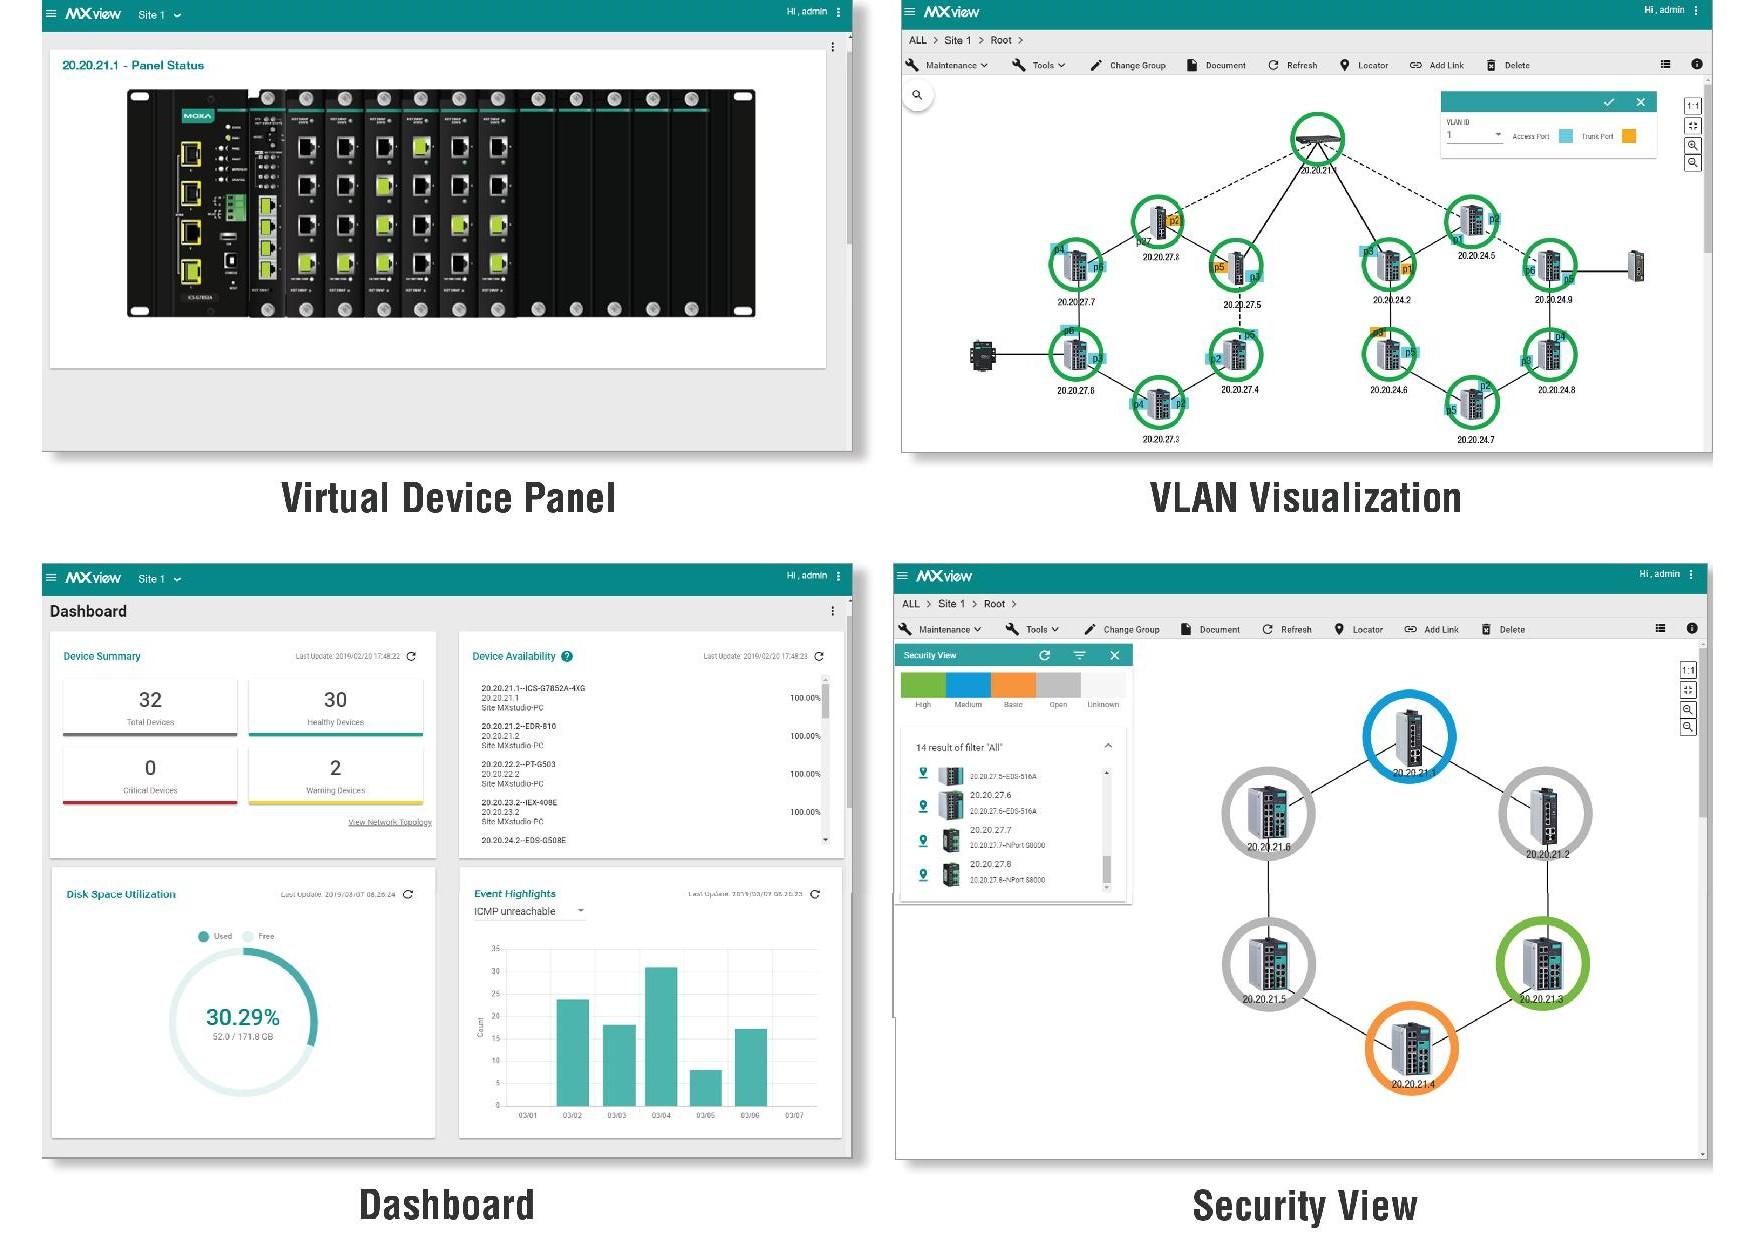 MXview Network Management logra mayor interoperabilidad y escalabilidad